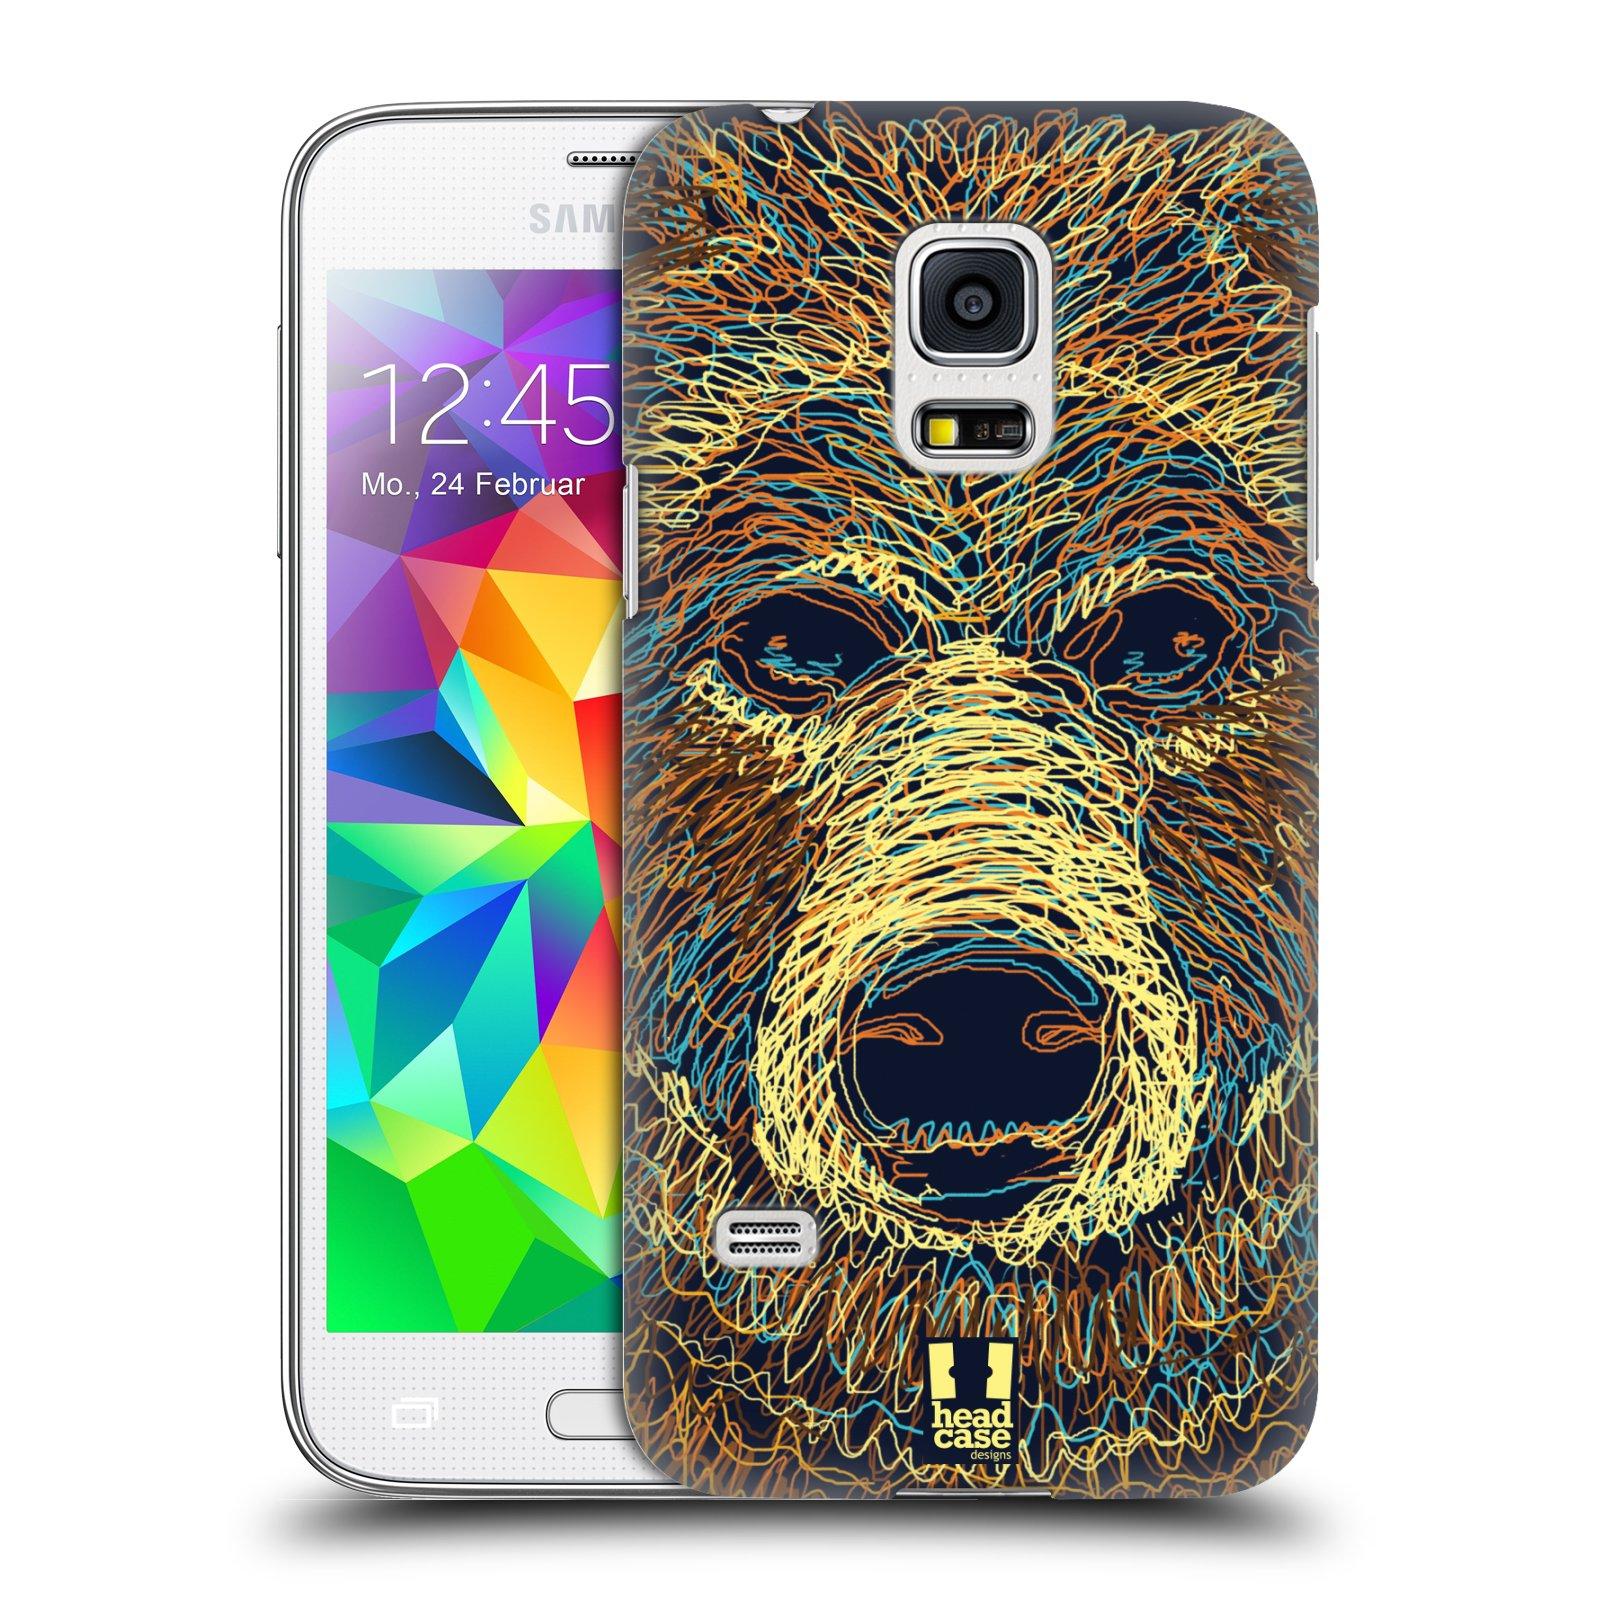 HEAD CASE plastový obal na mobil SAMSUNG Galaxy S5 MINI / S5 MINI DUOS vzor zvíře čmáranice medvěd